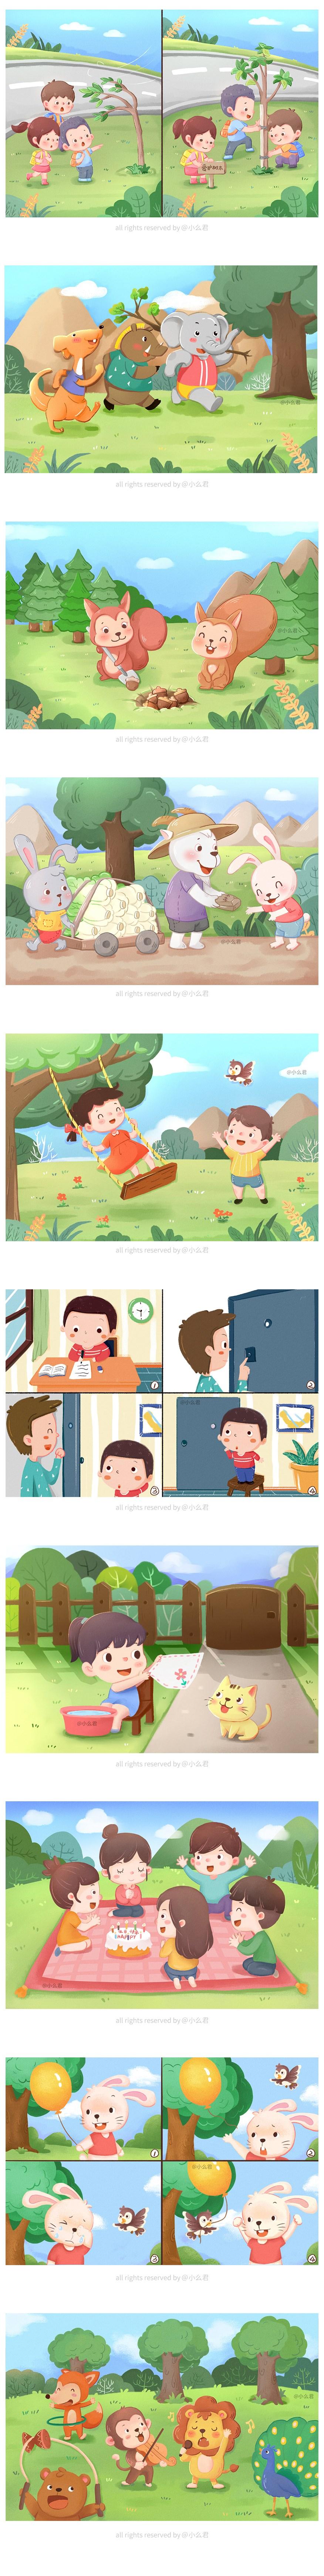 儿童插画教育-看图写话——第二季